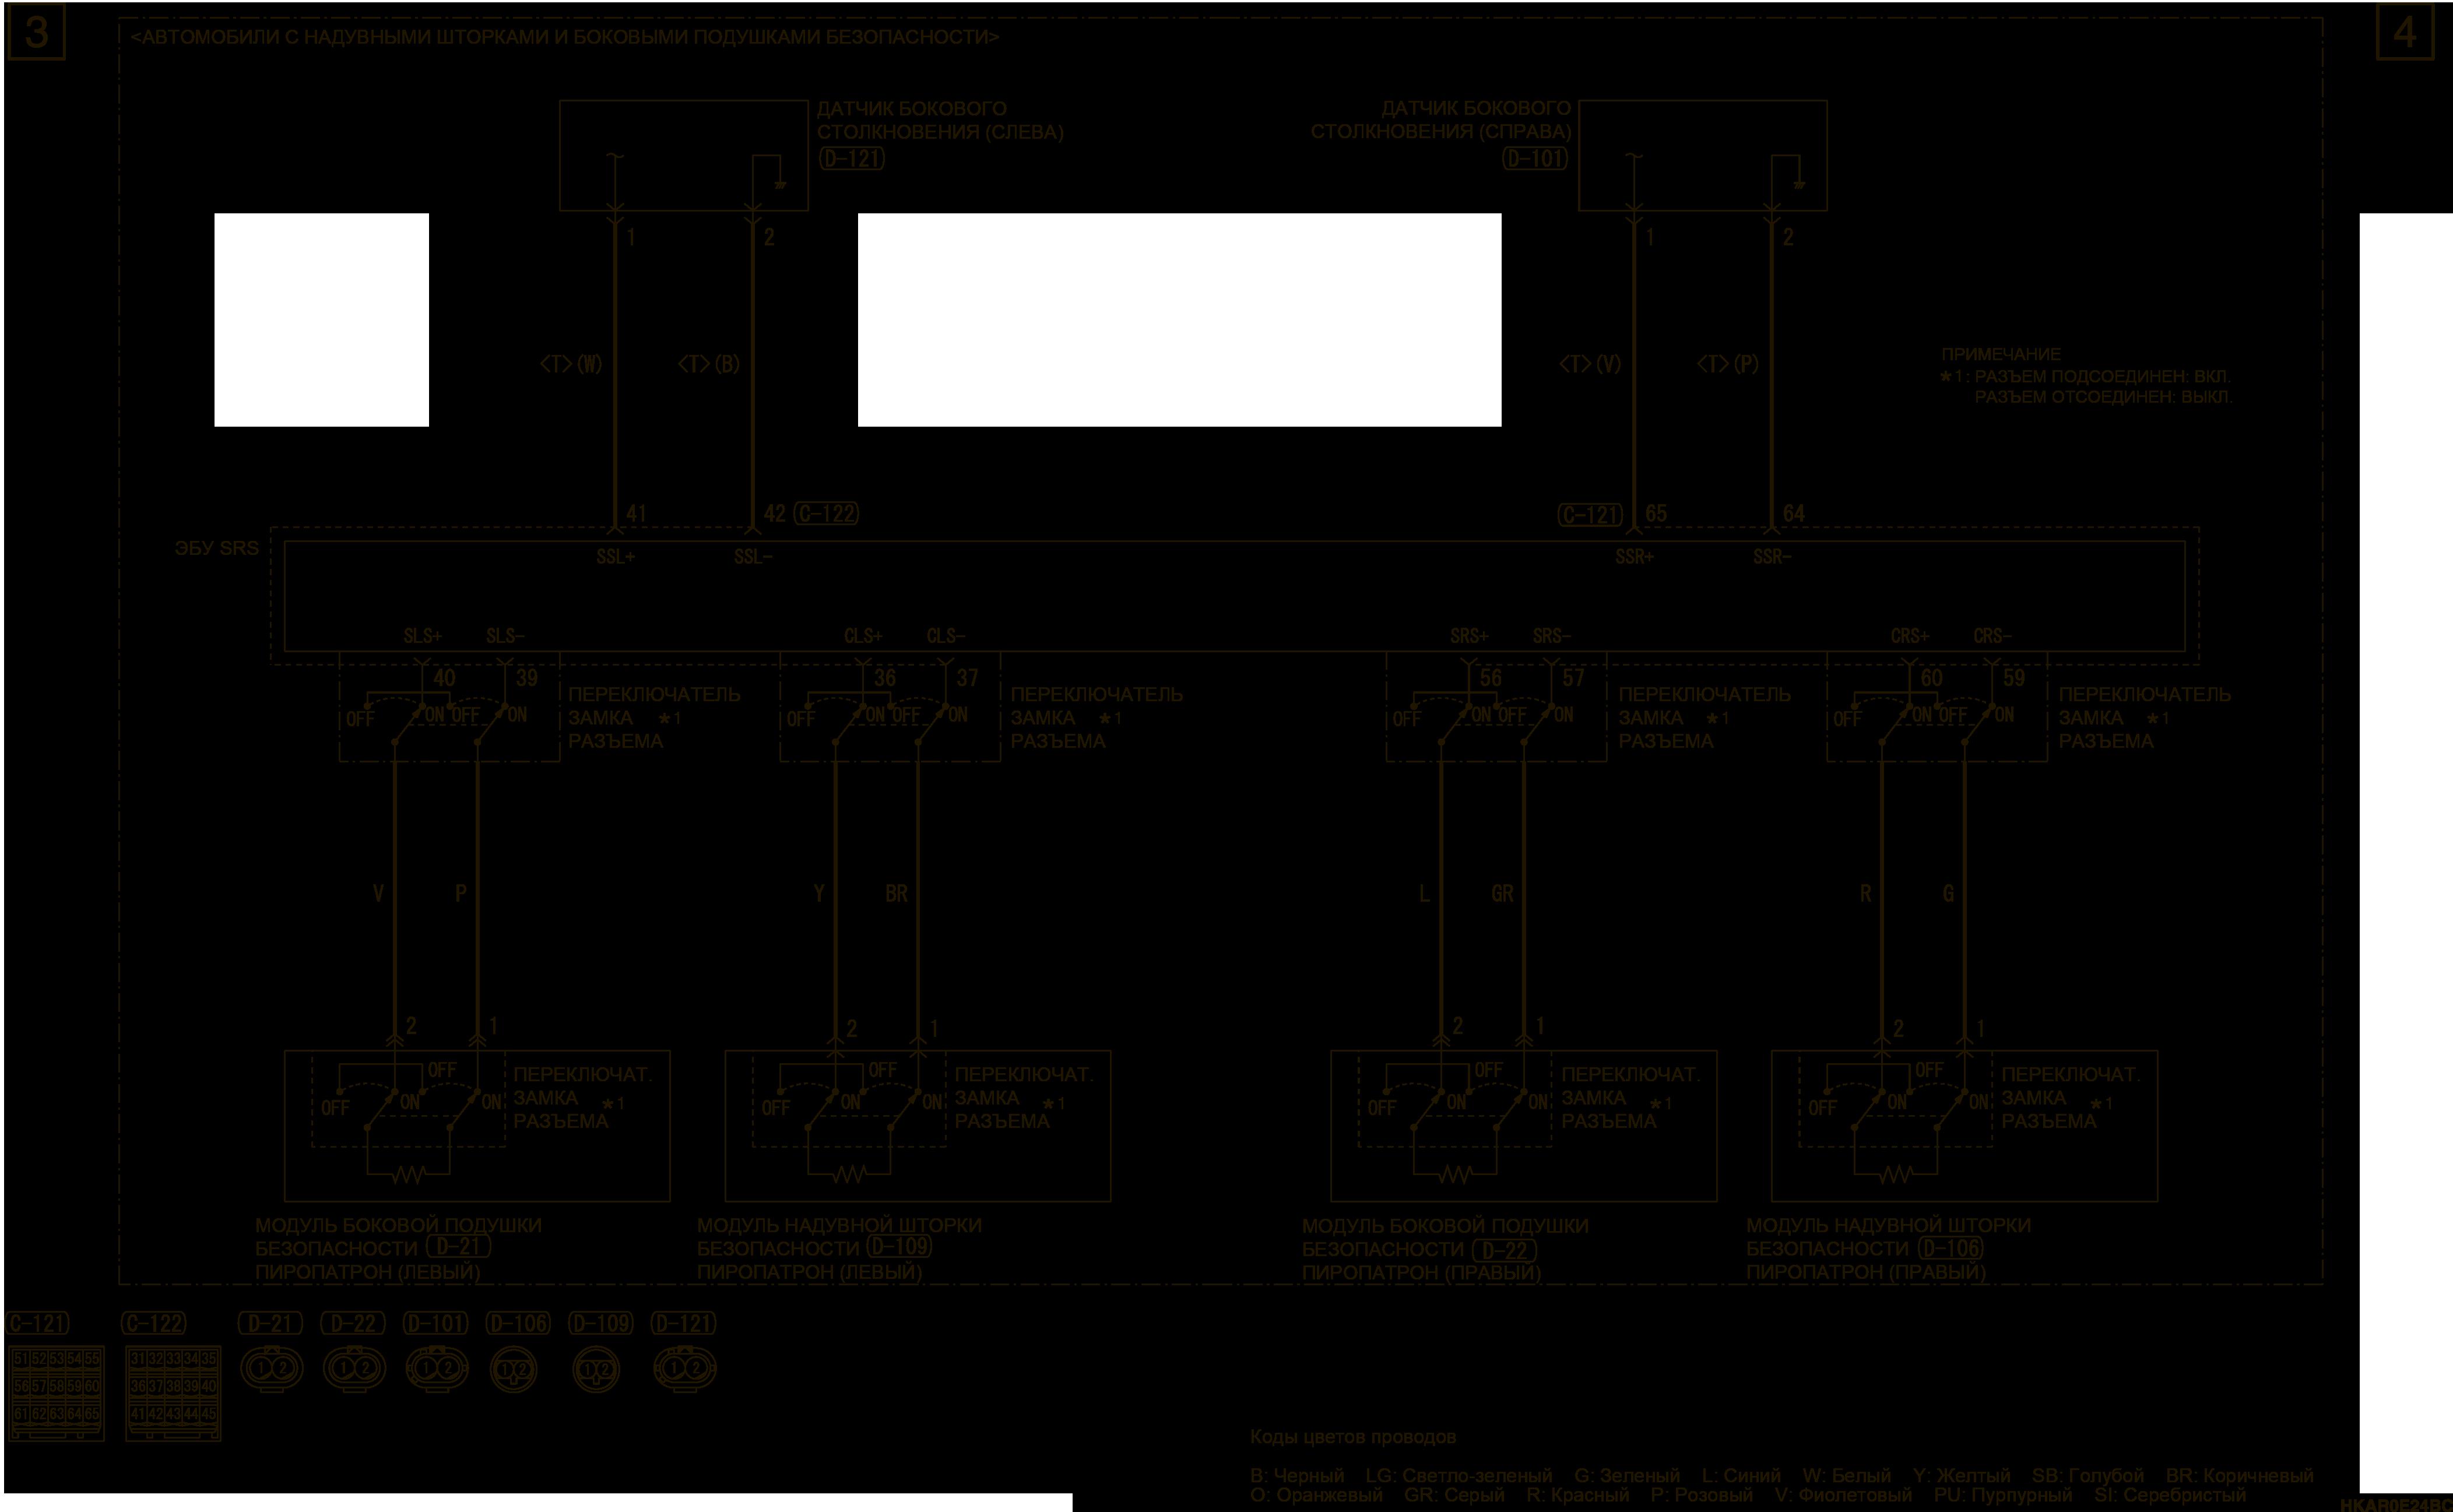 mmc аутлендер 3 2019 электросхемаSRS Справа